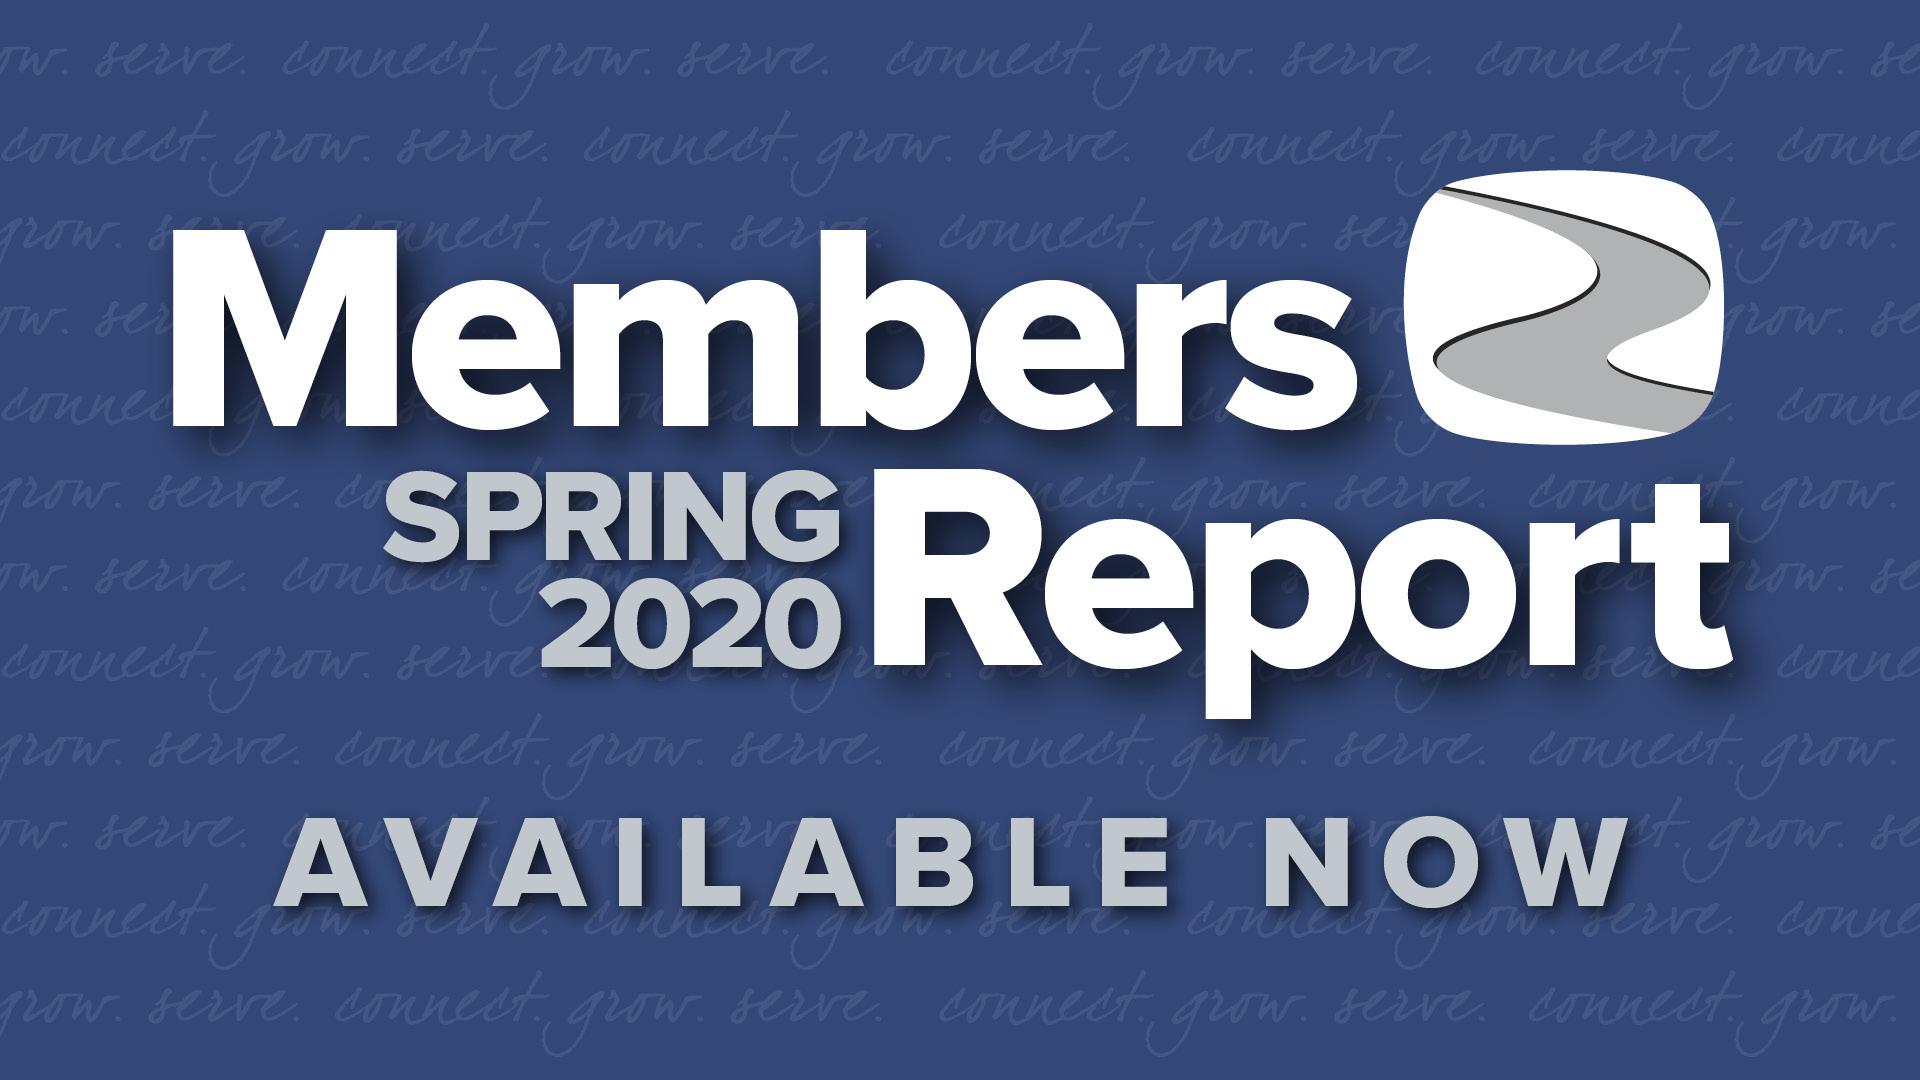 2020 Spring Members Report